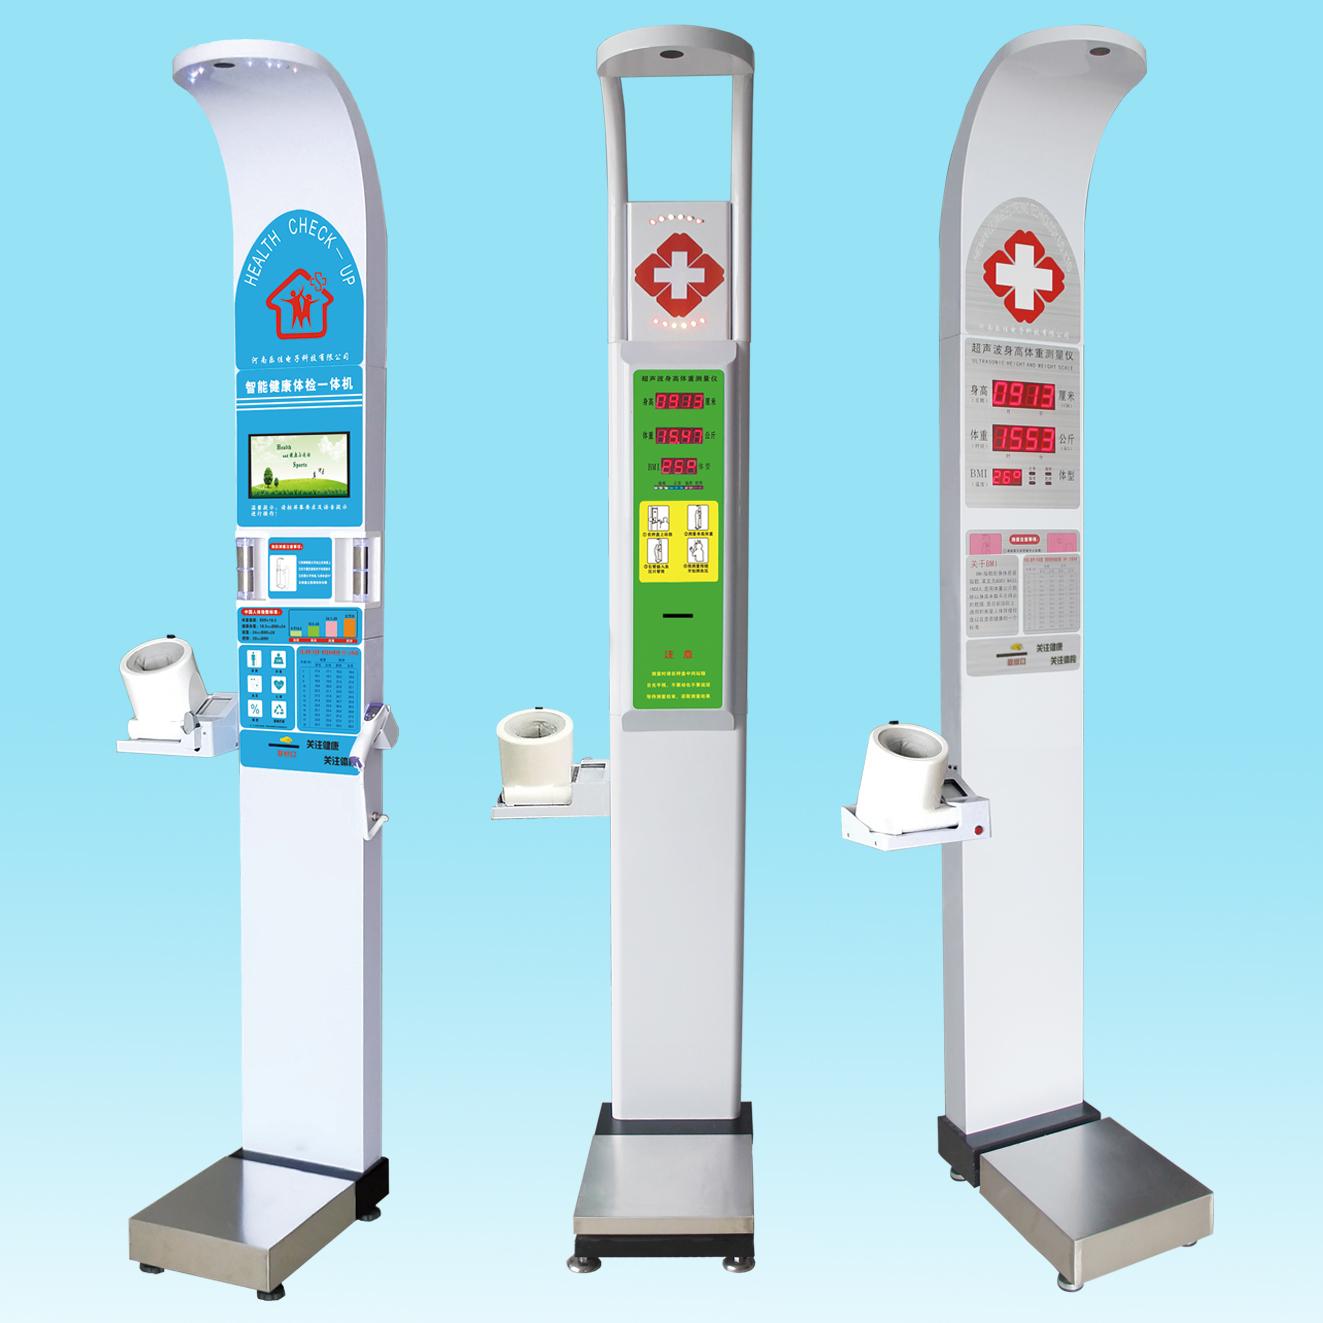 河南乐佳厂家供应900B型身高体重血压体检机,超声波一体机